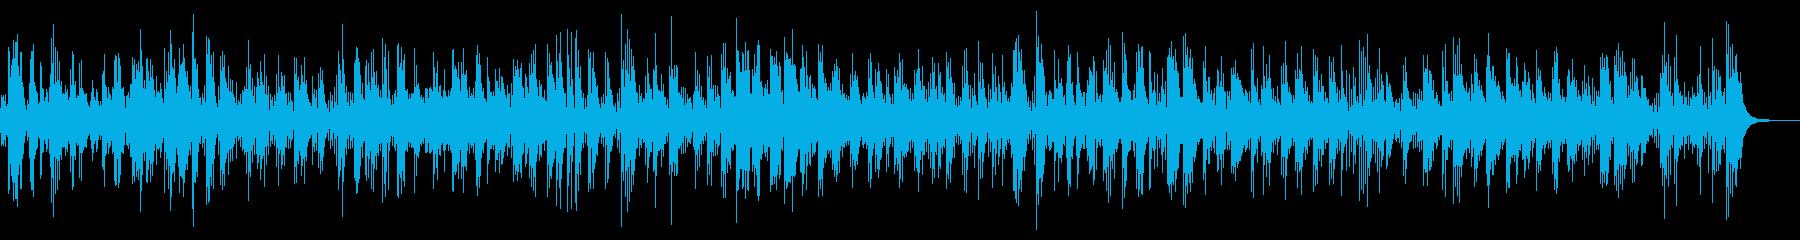 哀愁、悲しい、スパニッシュボレロギターの再生済みの波形